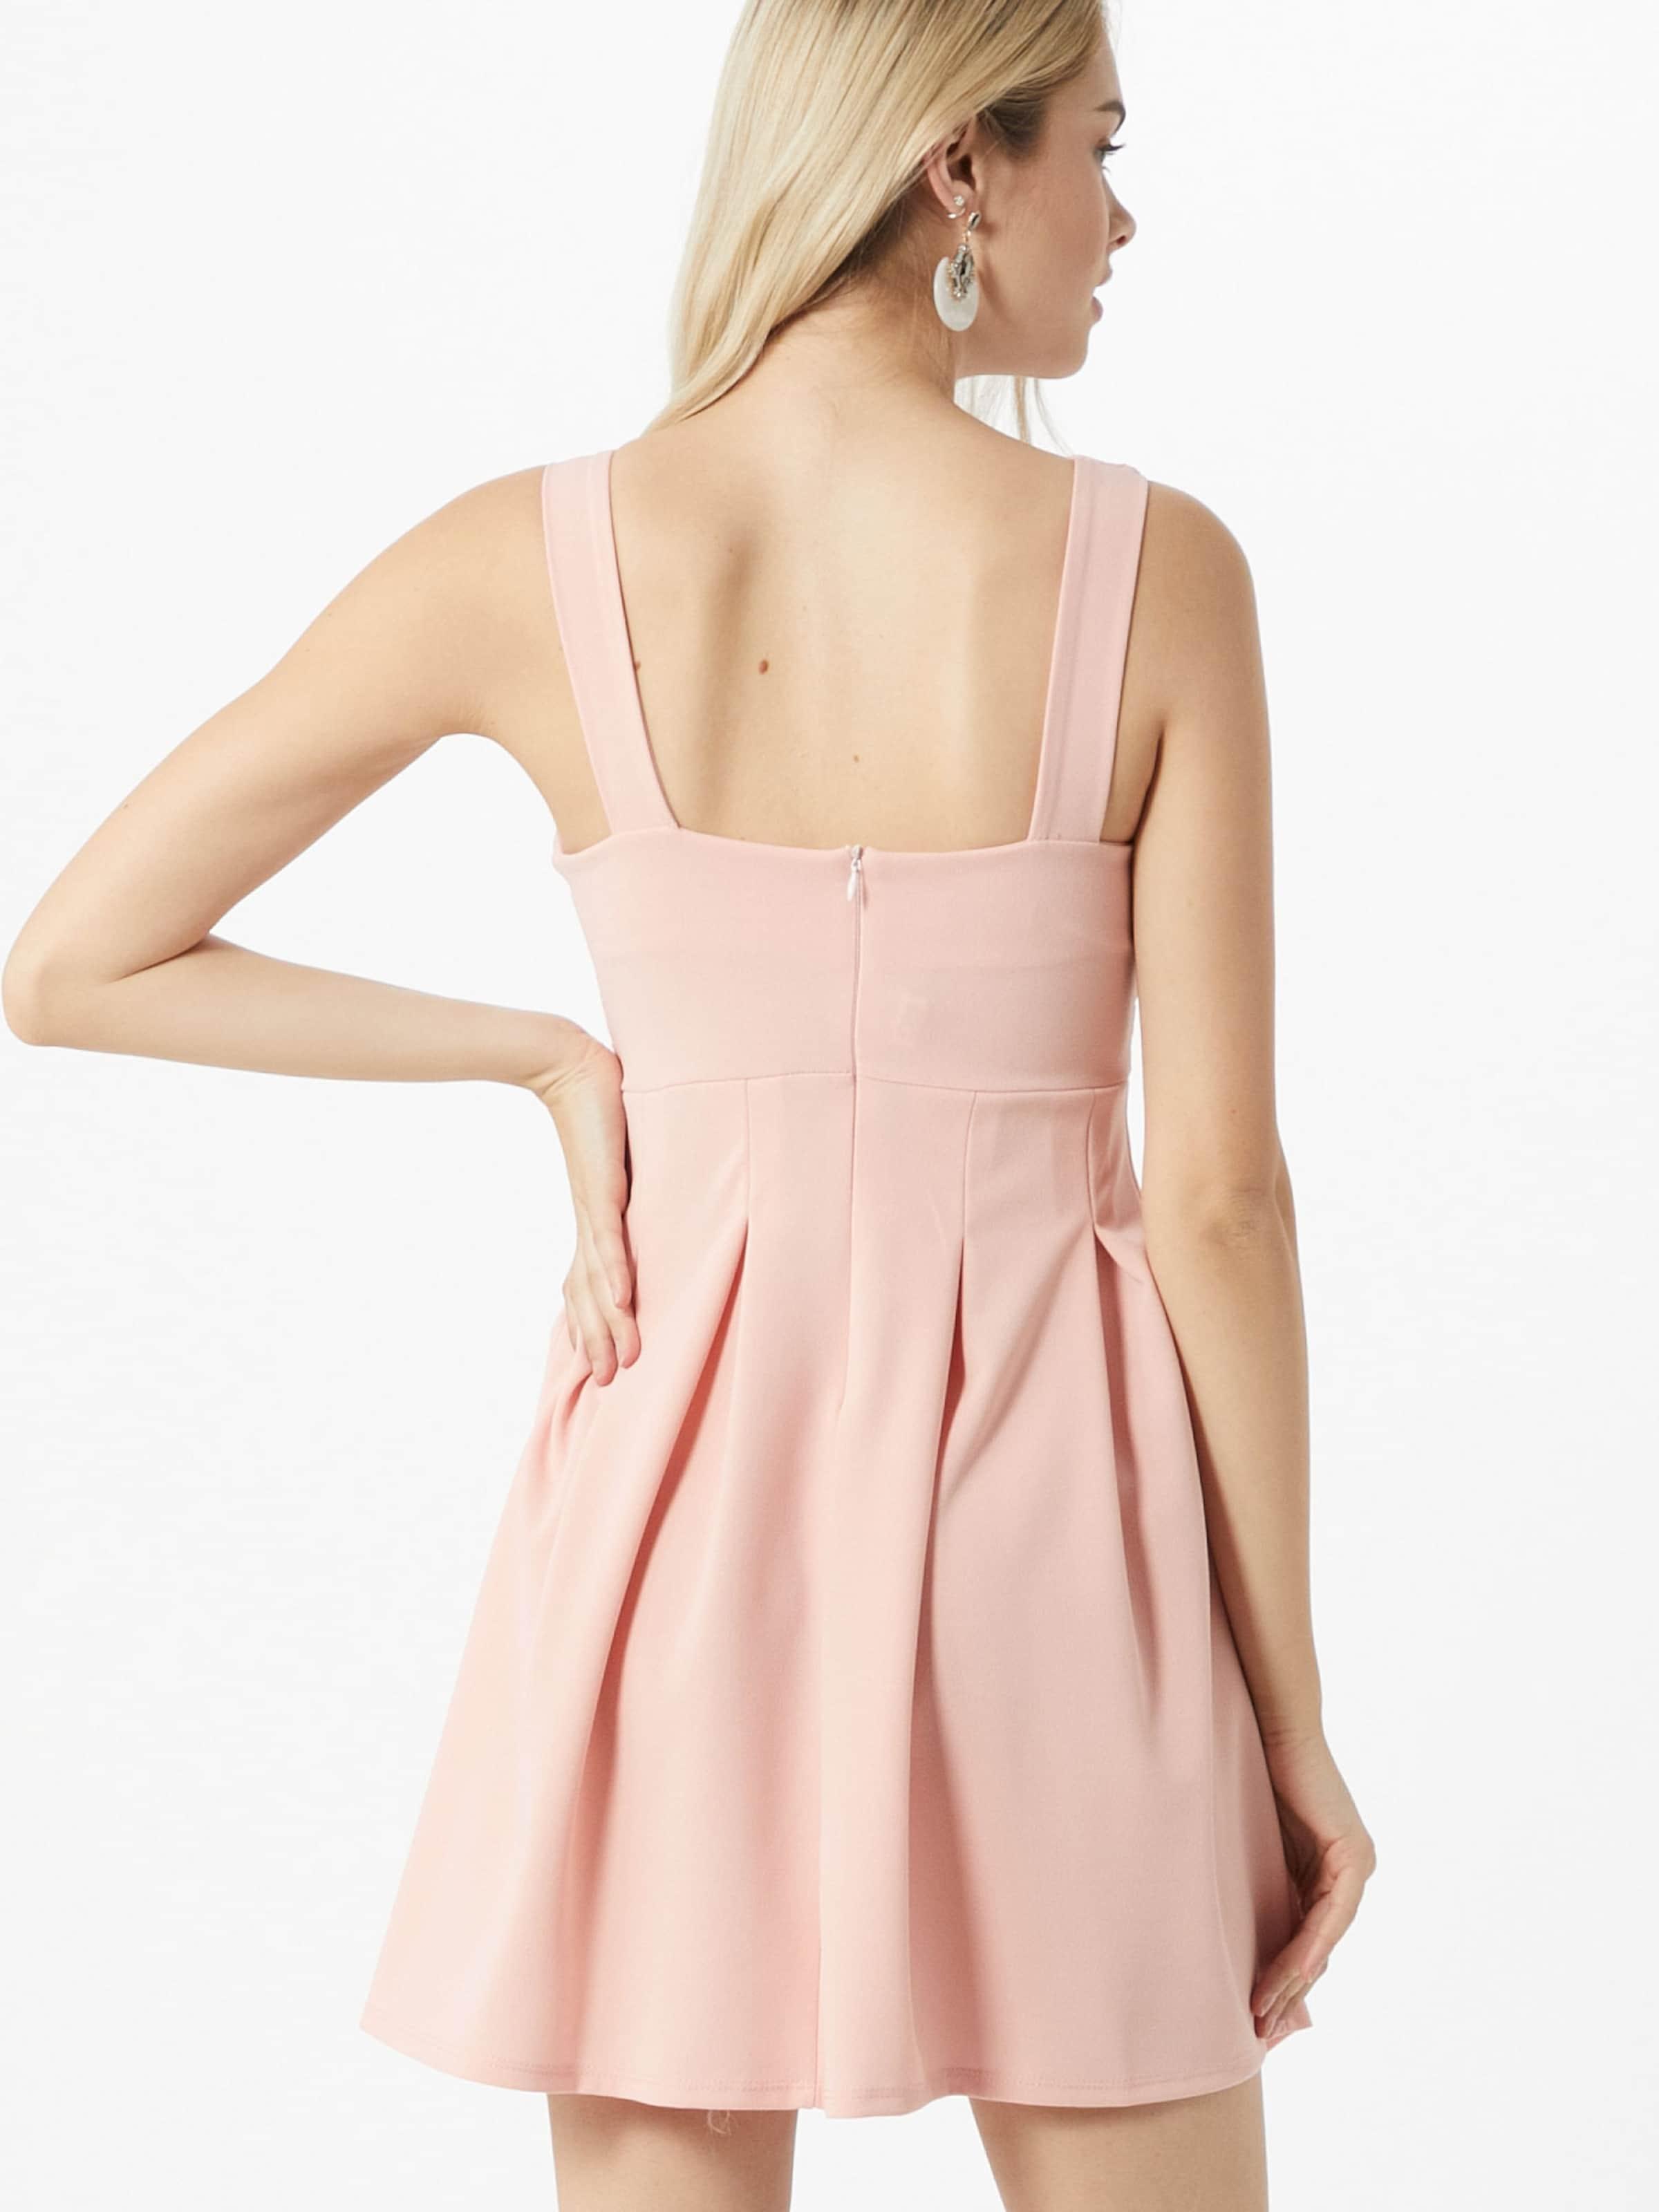 WAL G. Koktélruhák rózsaszín színben